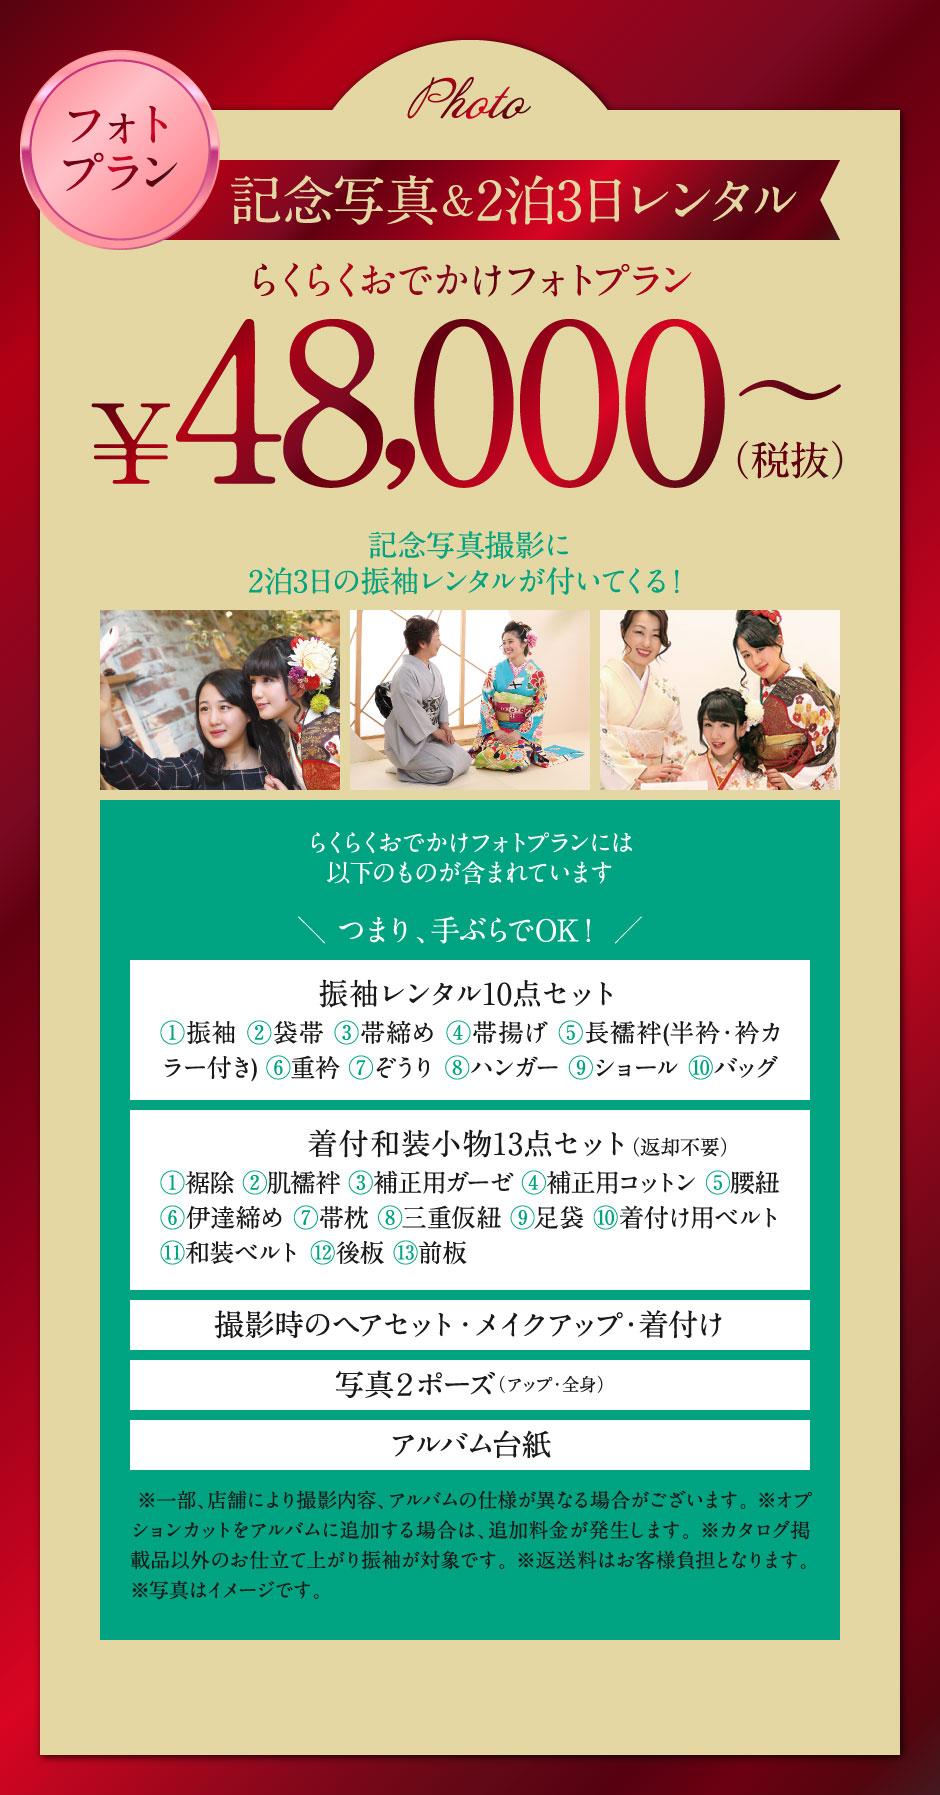 記念写真,2泊3日レンタルが¥48,000(税抜)~